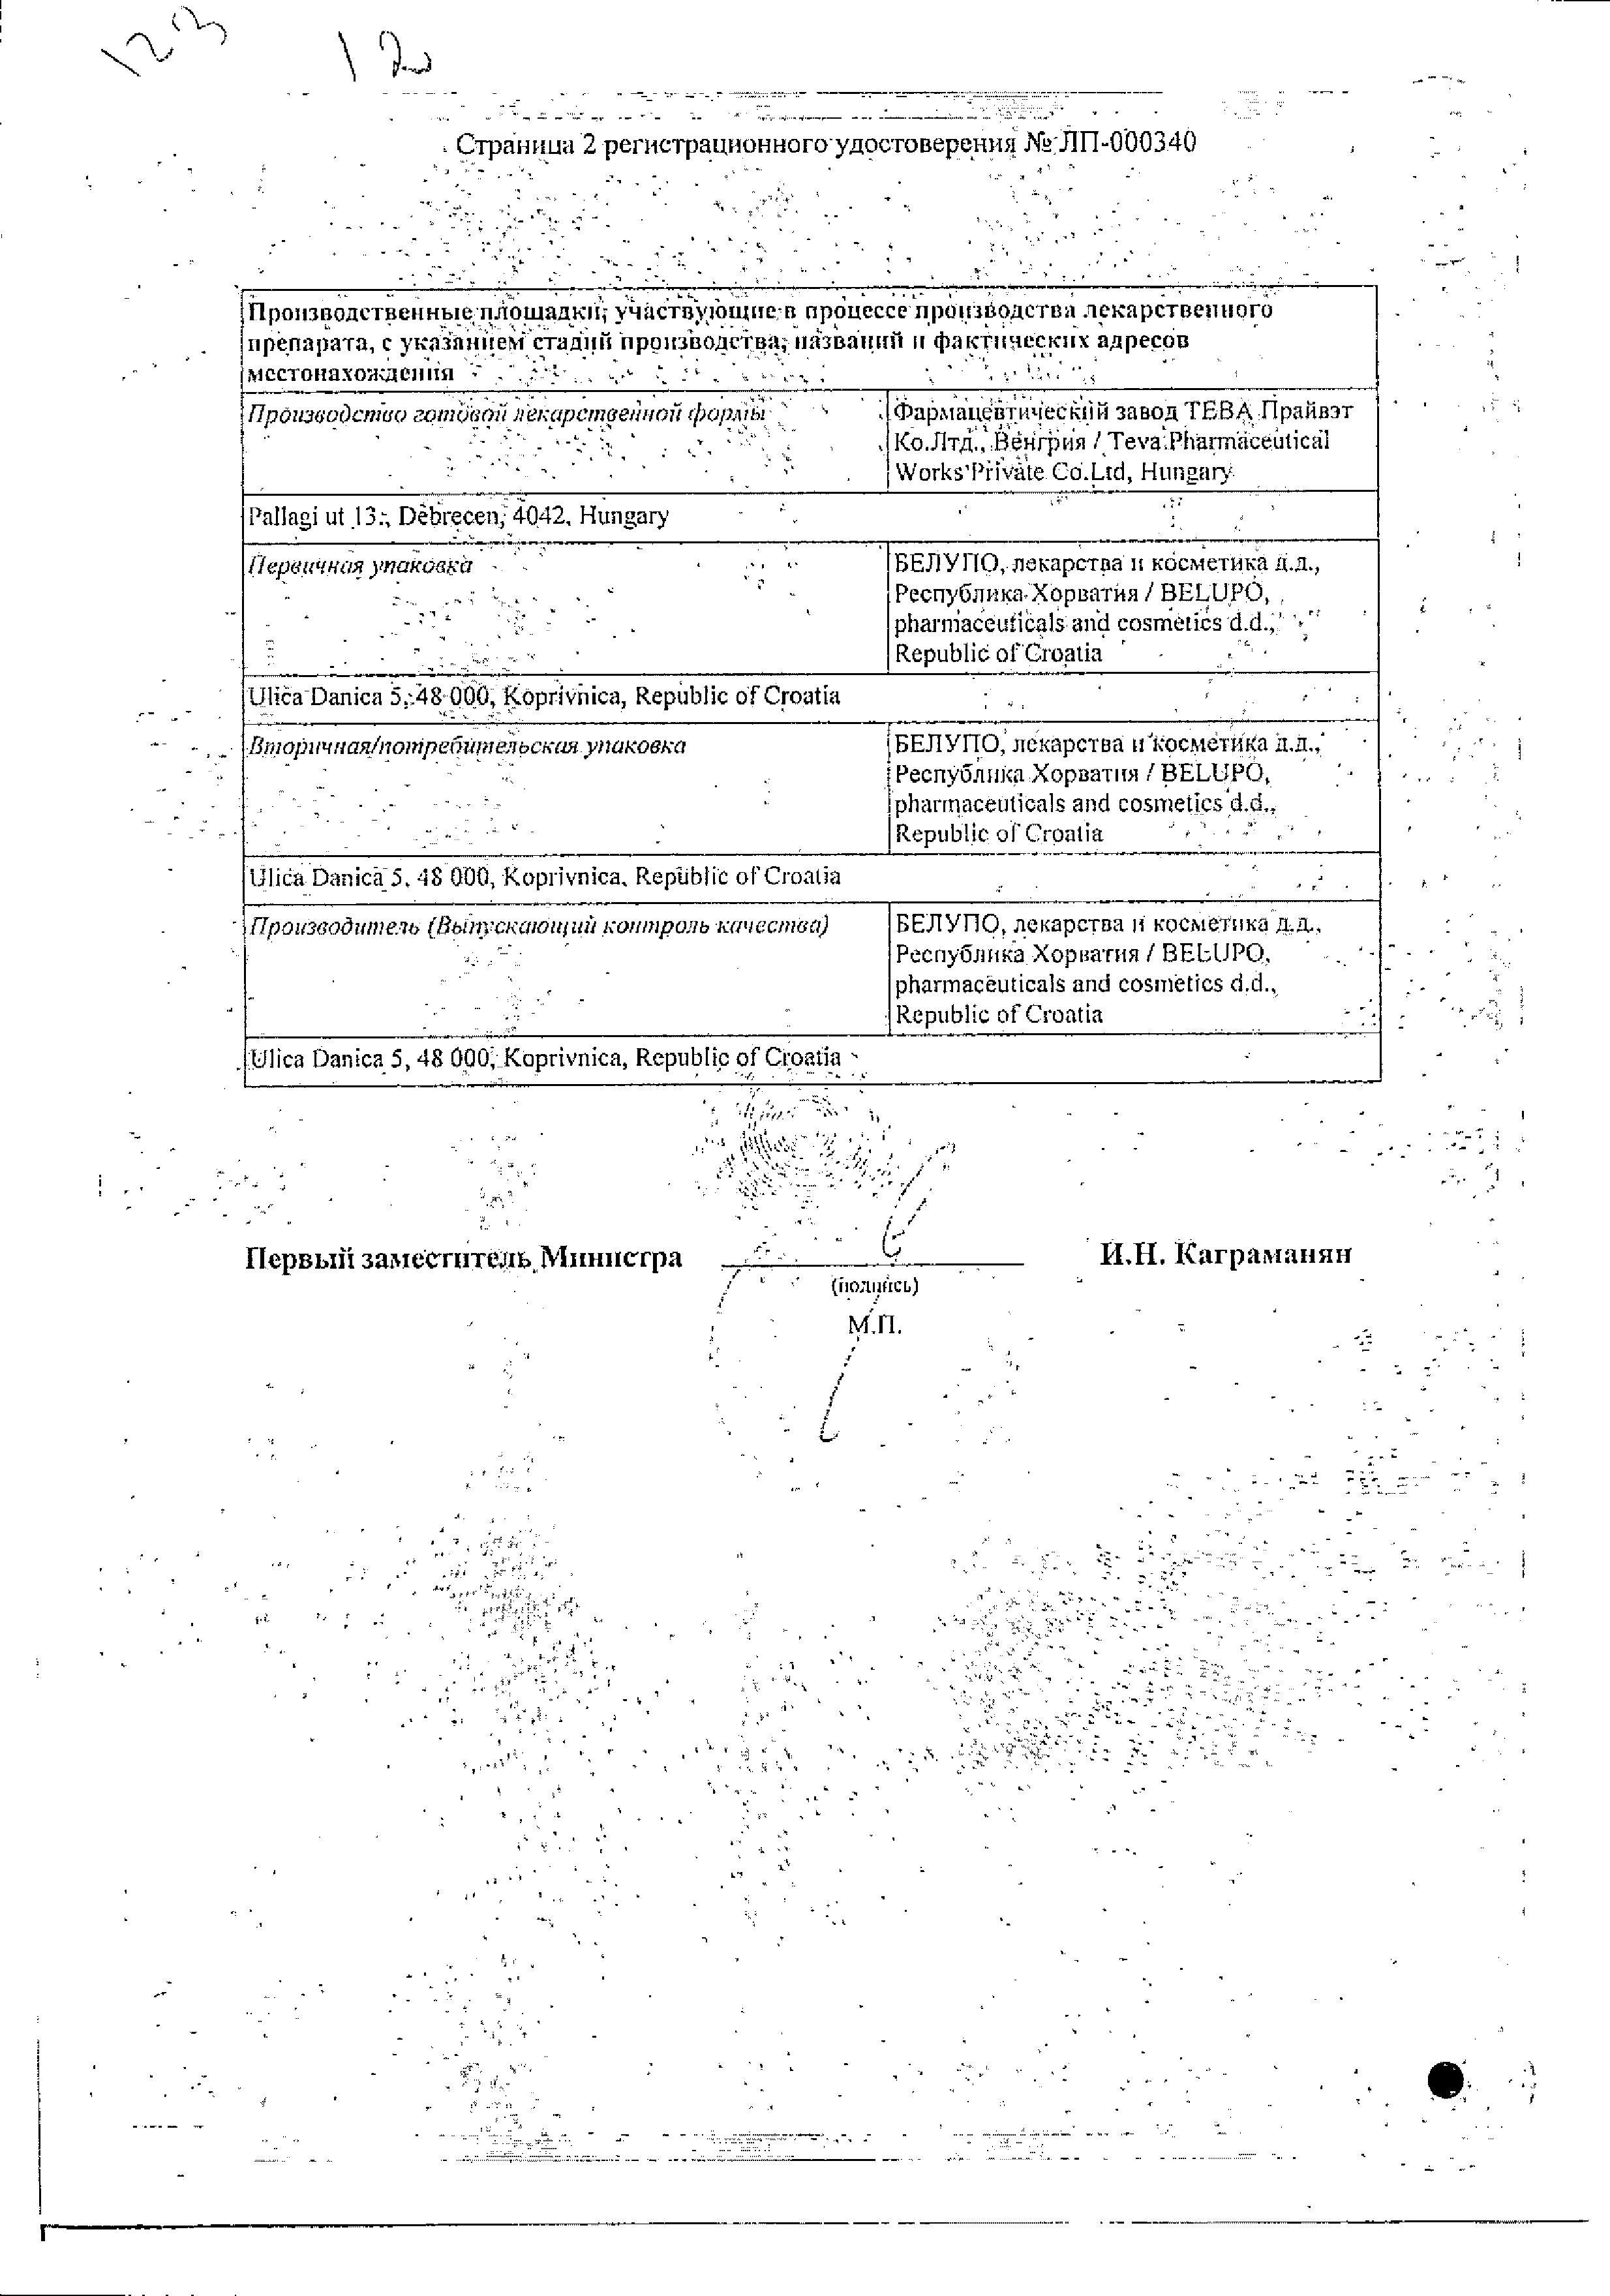 Доксазозин Белупо сертификат